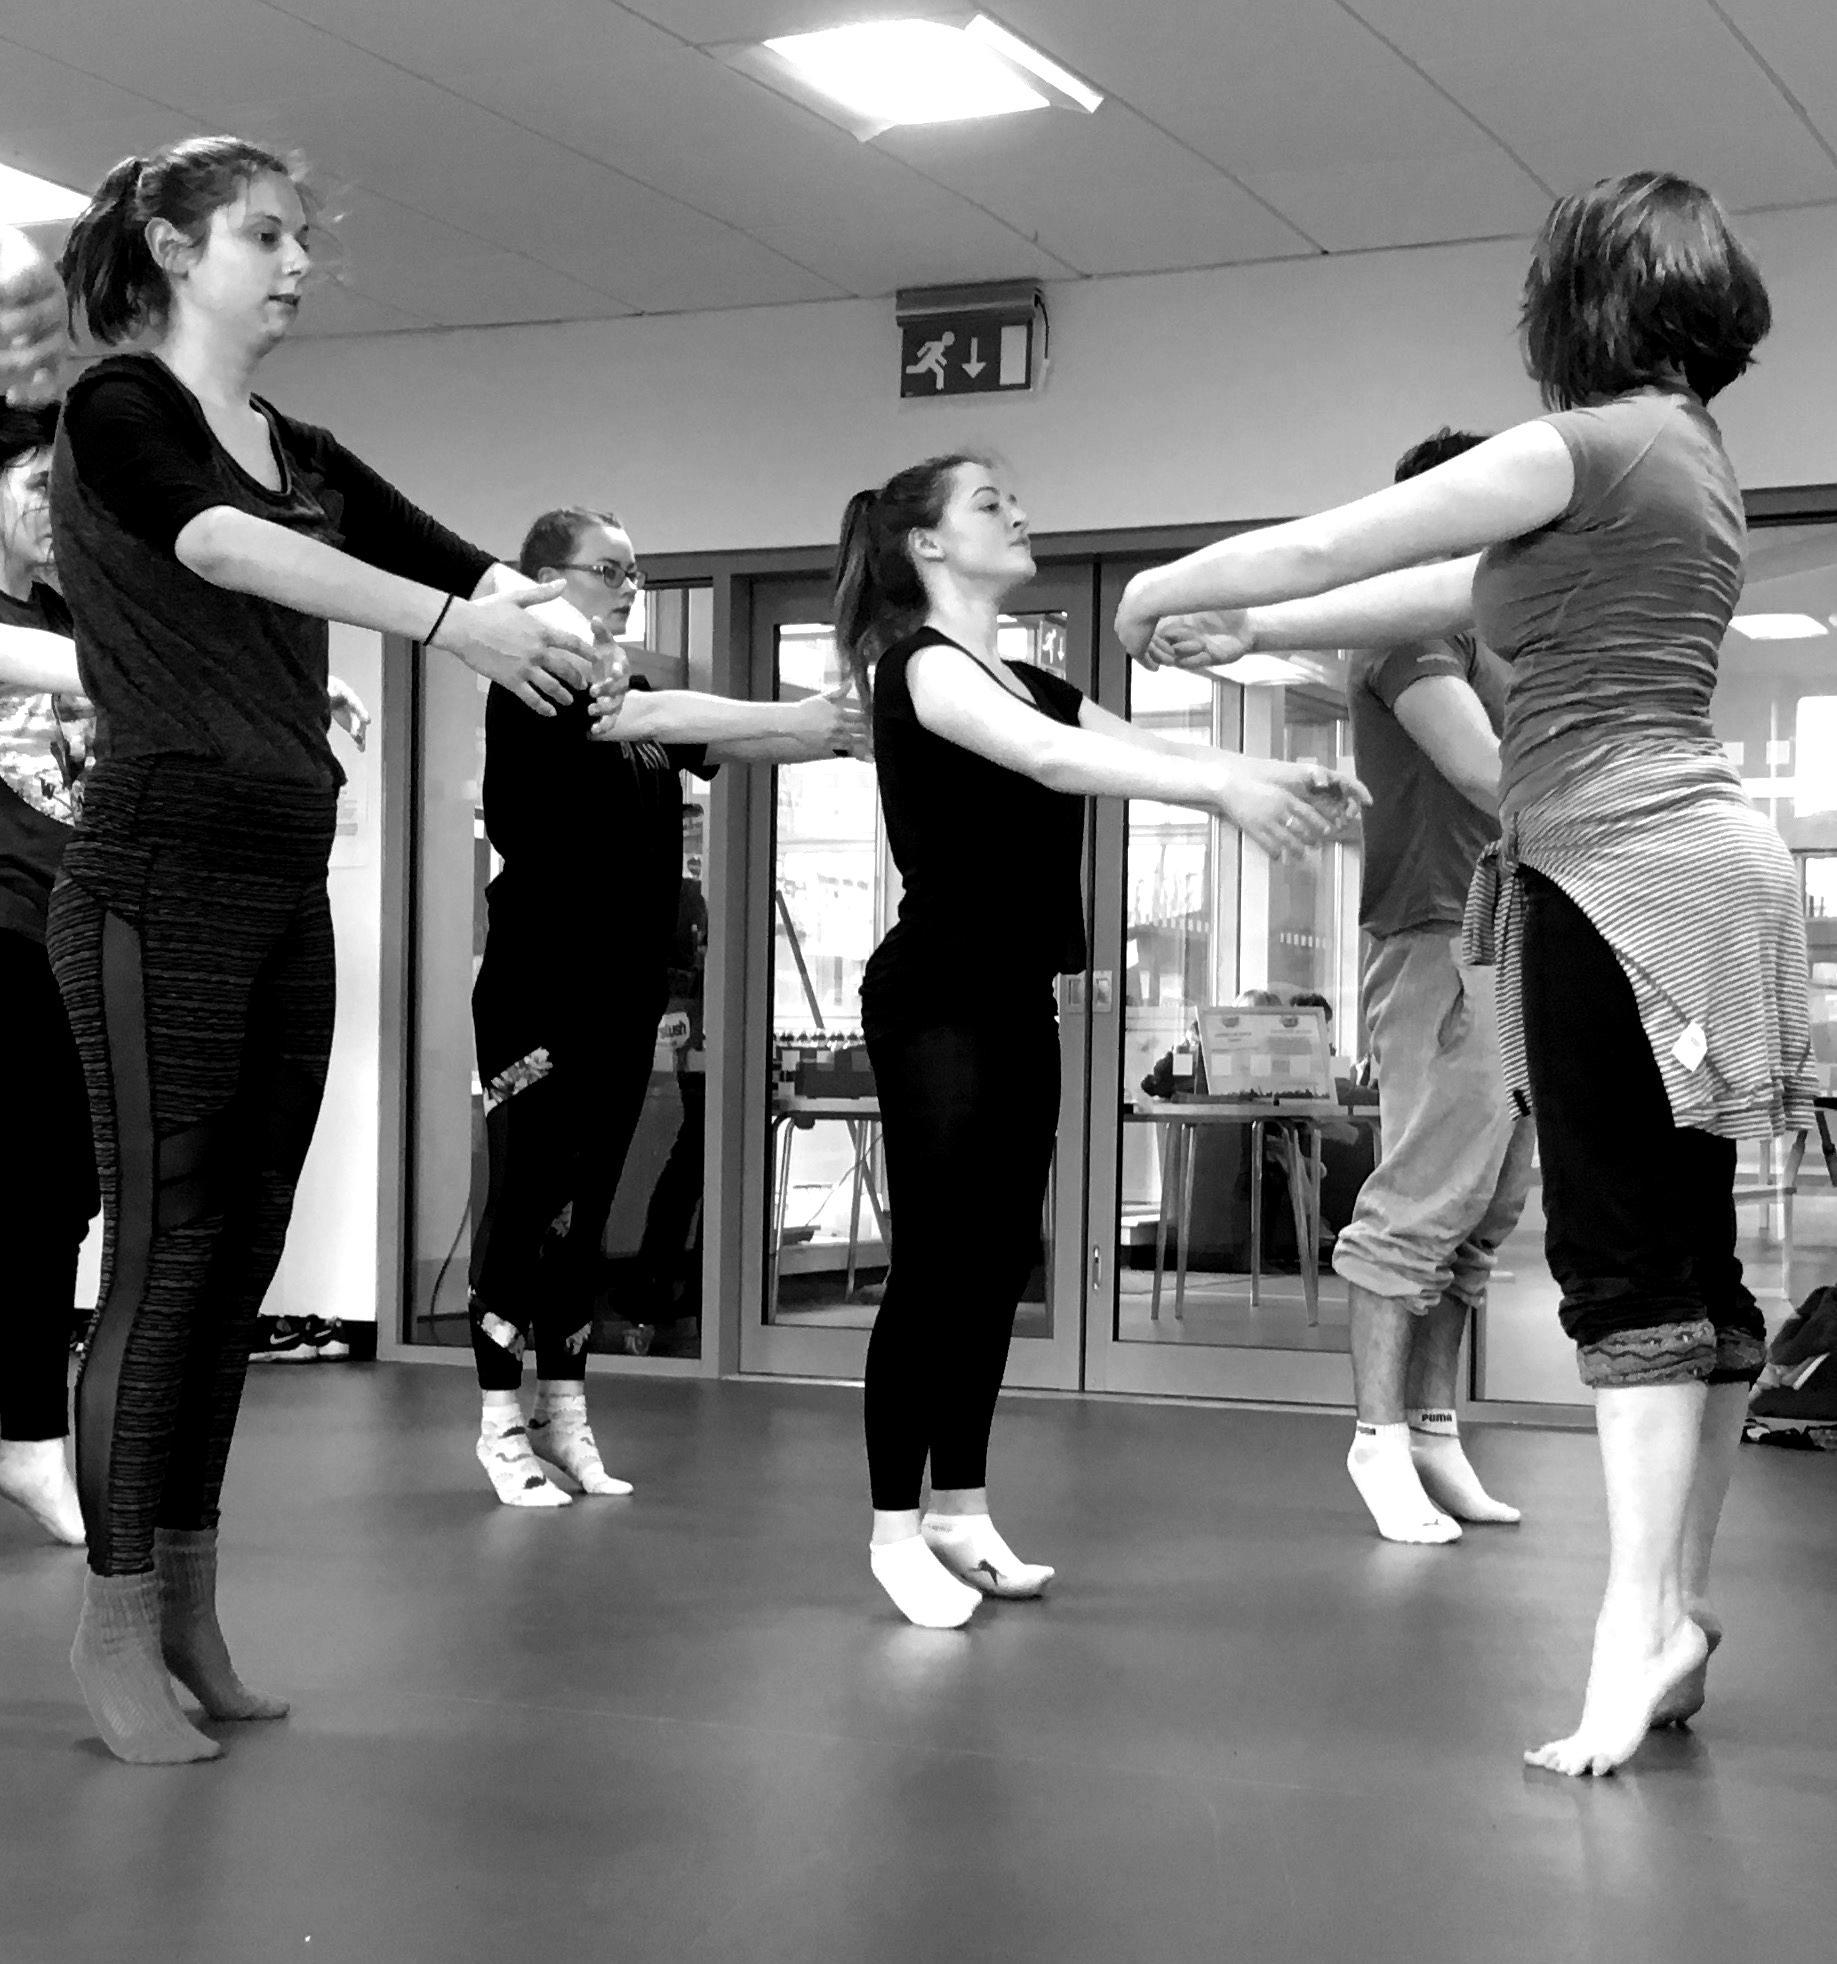 http://www.danceahead.co.uk/wp-content/uploads/2017/06/IMG_0160-blackwhite.jpg